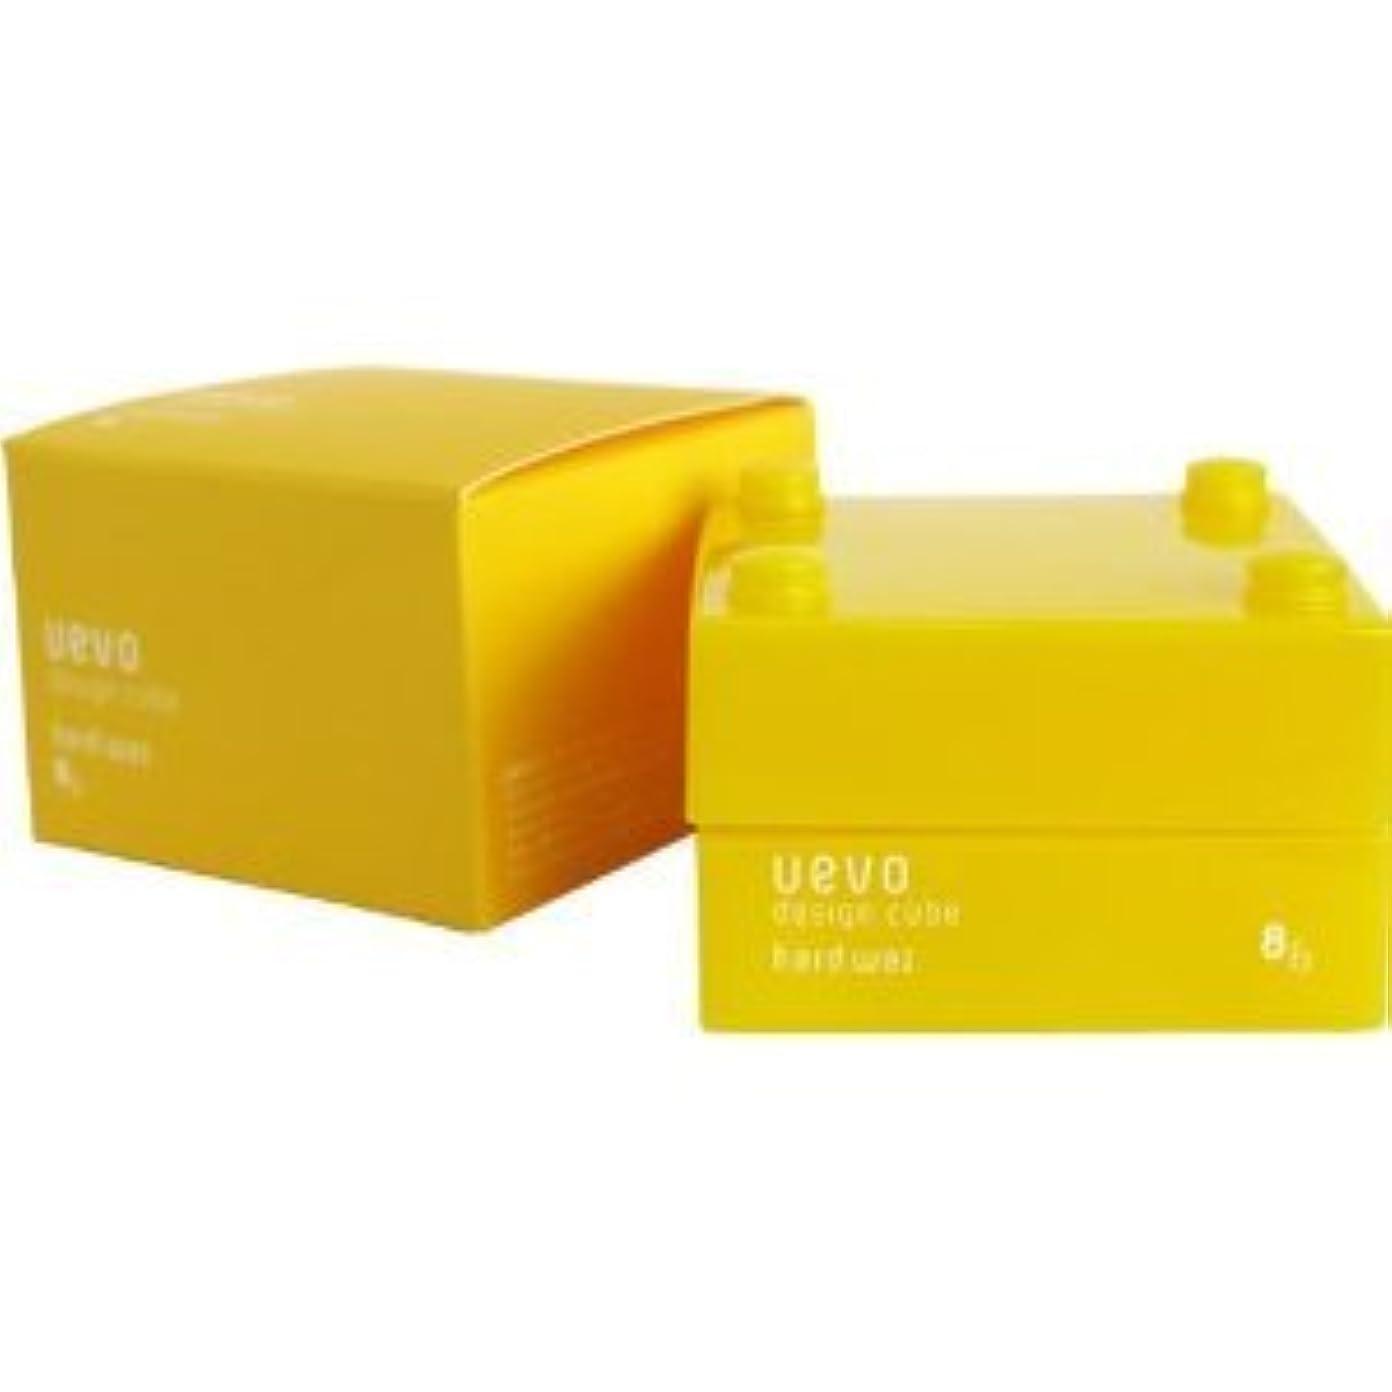 構成員ライフル何もない【X3個セット】 デミ ウェーボ デザインキューブ ハードワックス 30g hard wax DEMI uevo design cube